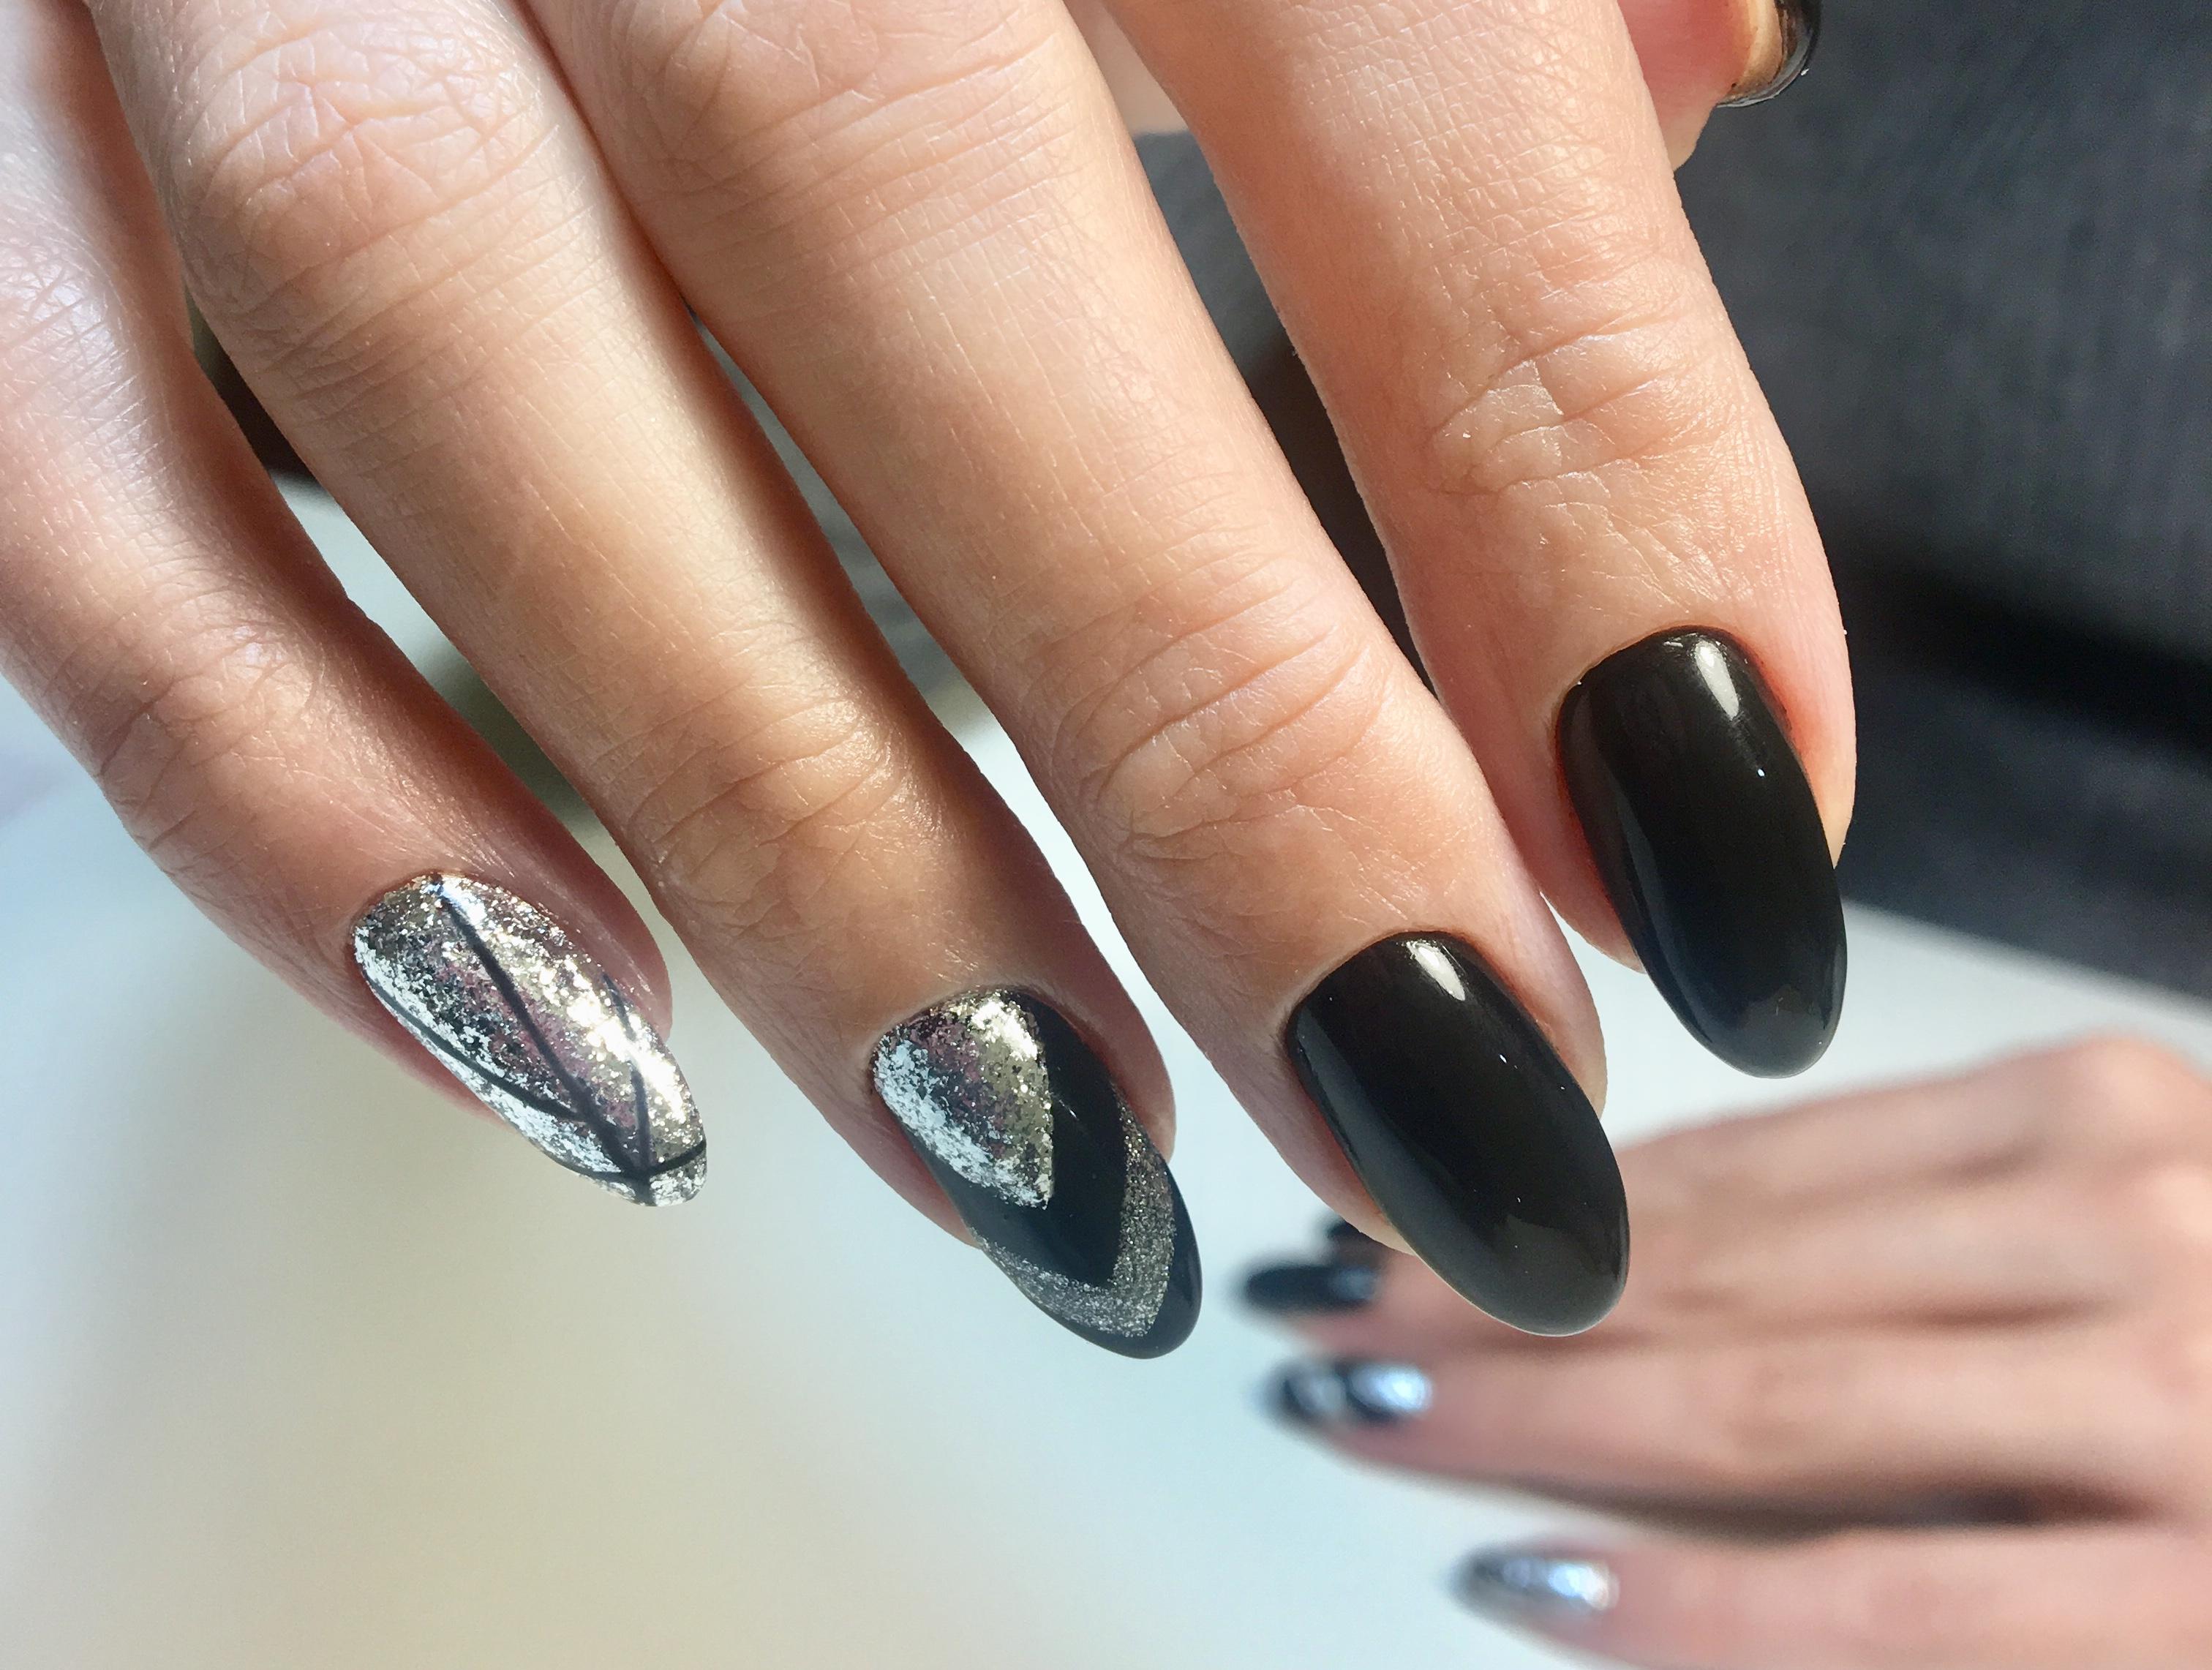 Геометрический маникюр с серебряными блестками в черном цвете.